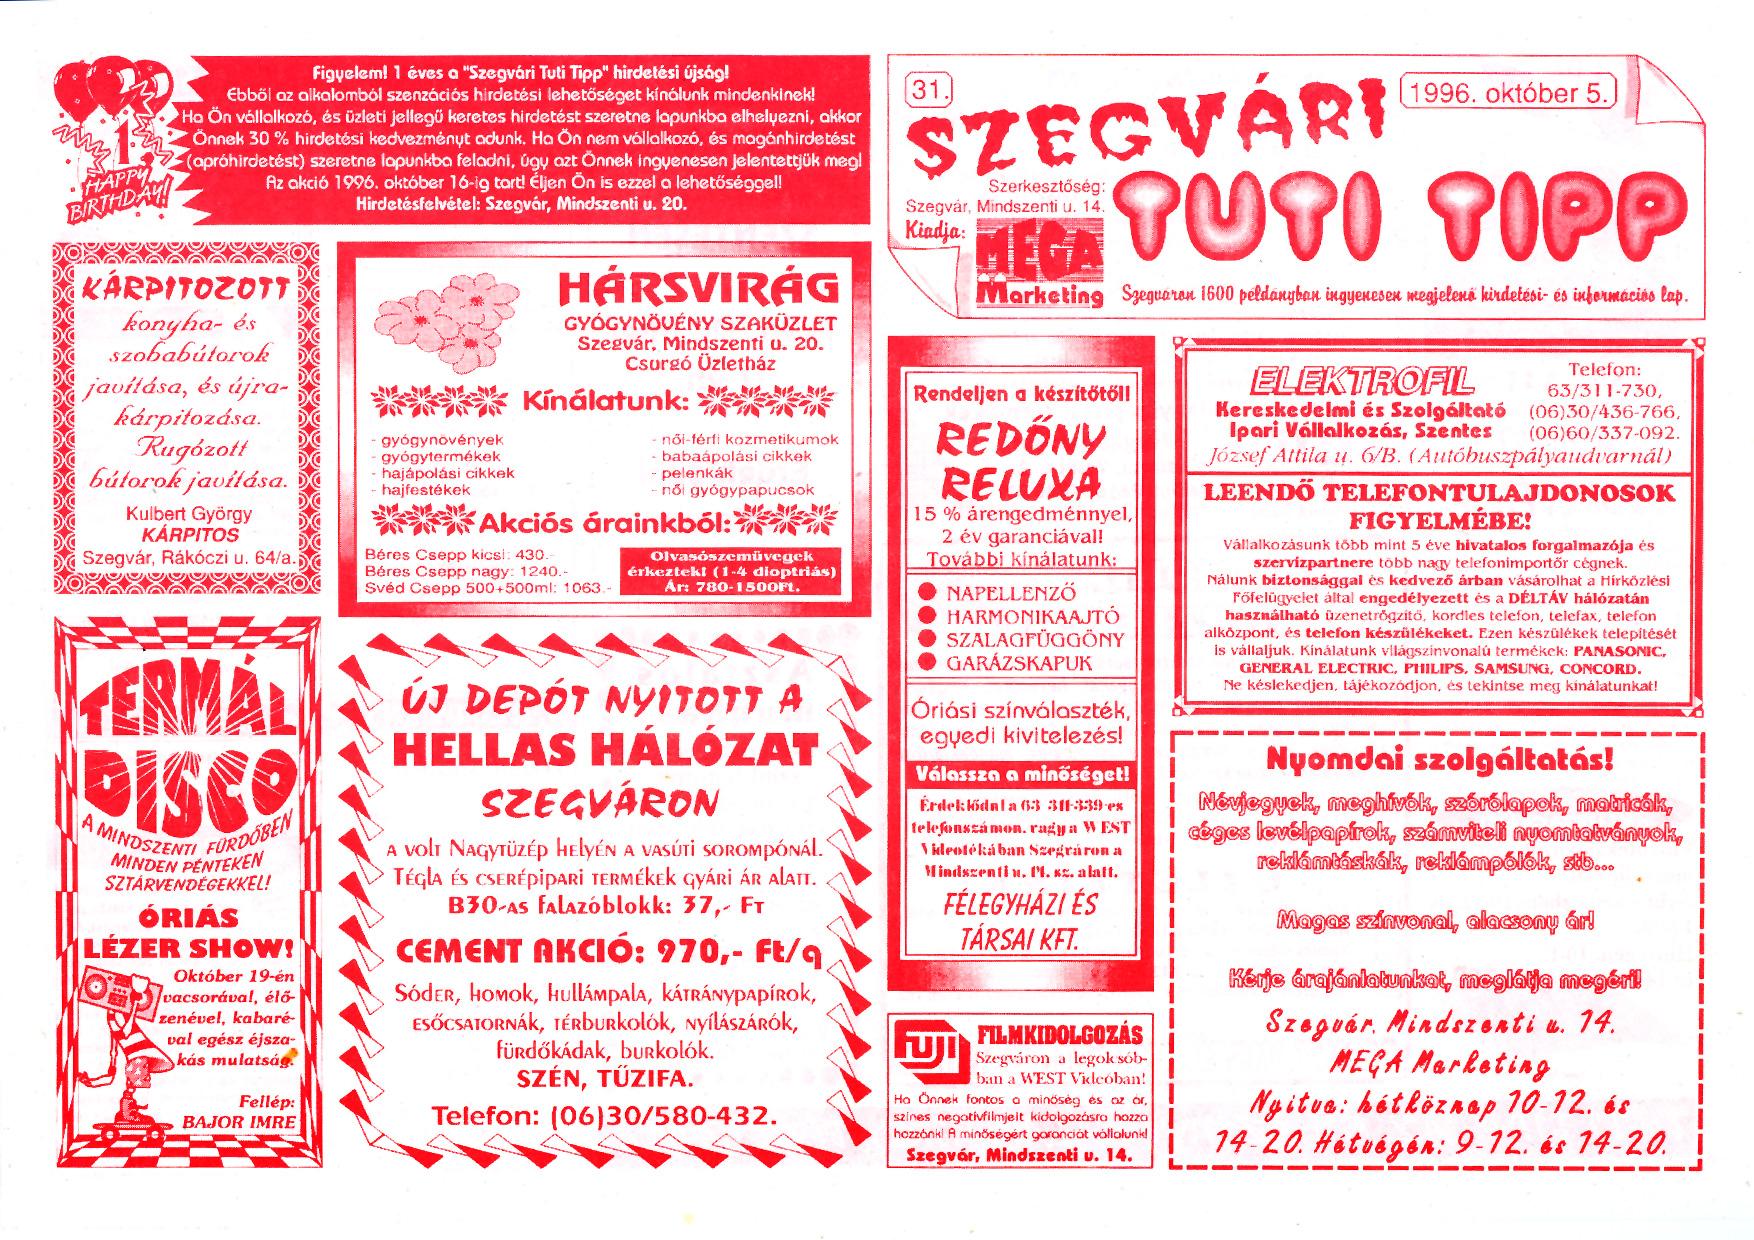 055 Szegvári Tuti Tipp reklámújság - 19961005-031. lapszám - 1.oldal - II. évfolyam.jpg